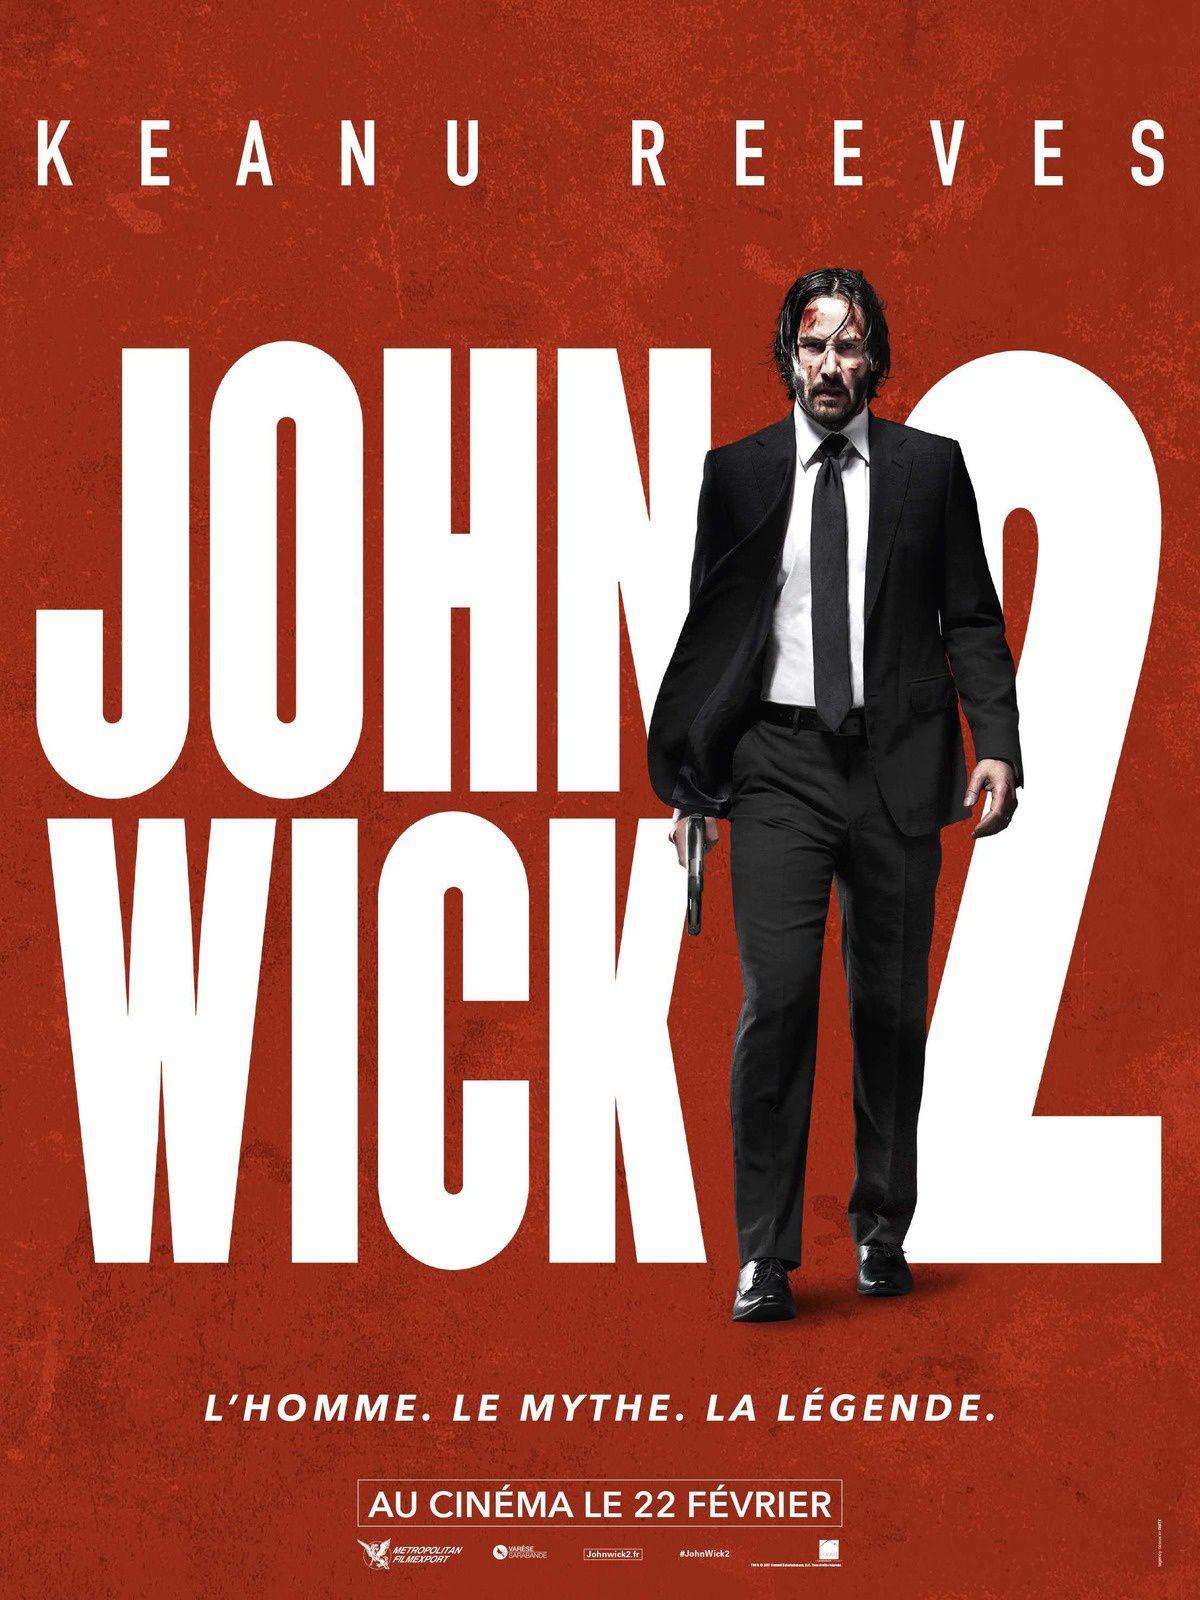 """Découvrez la """"Symphonie de la violence"""" en vidéo ainsi que l'affiche définitive de JOHN WICK 2 (le 22 février 2017 au cinéma) !"""